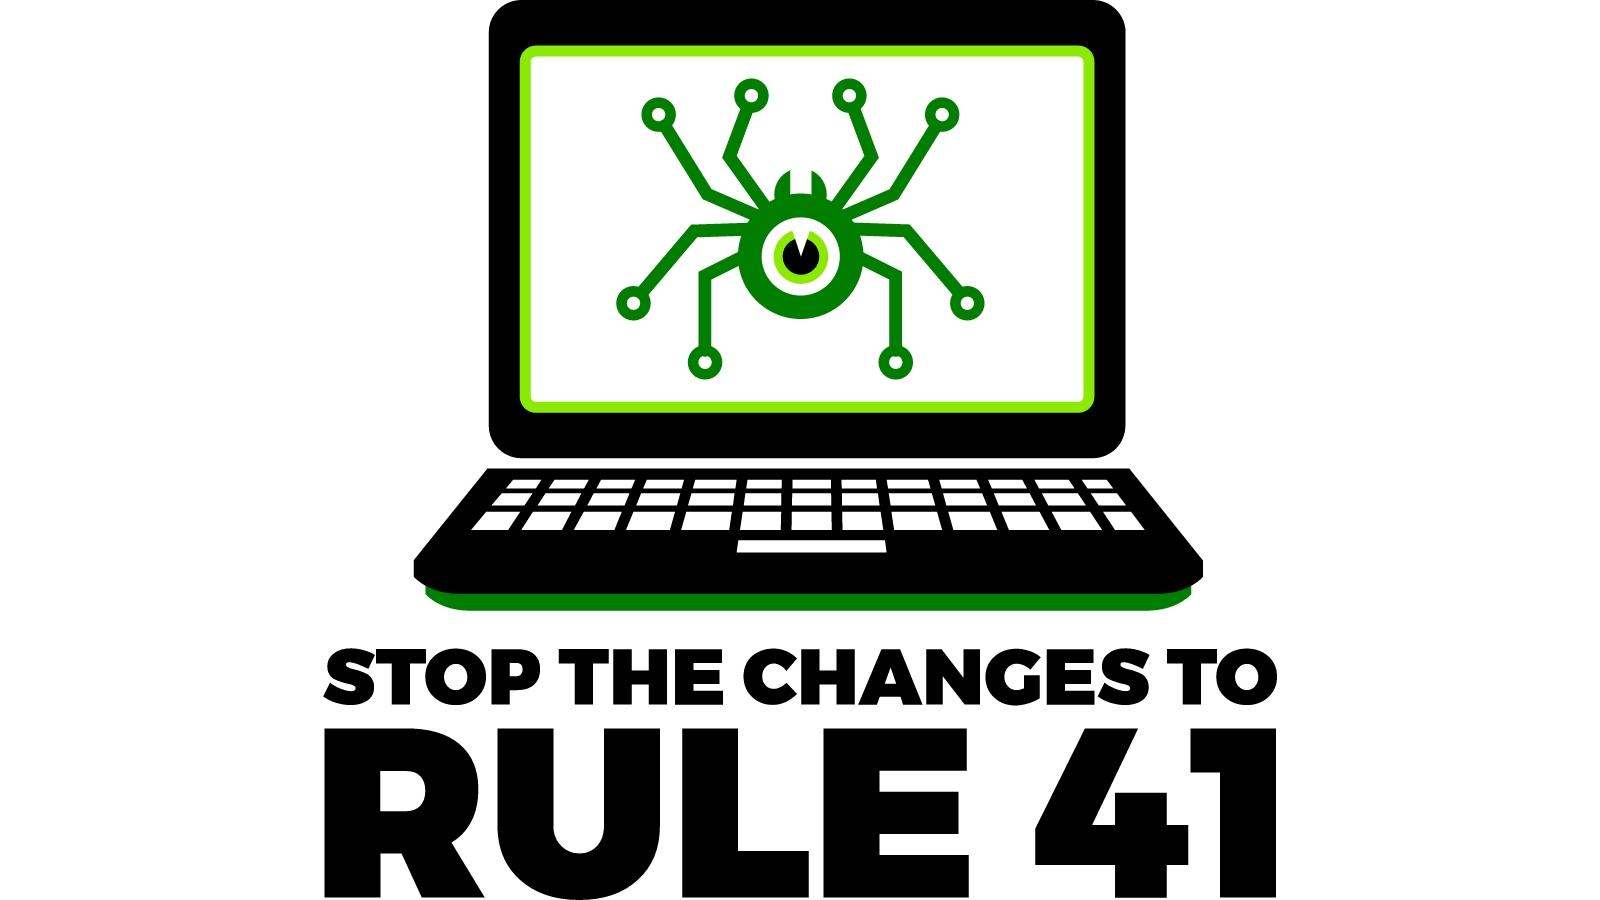 """אל תתנו לממשלת ארה""""ב לחדור למחשבים שלנו- עצרו את השינוי לחוק 41"""